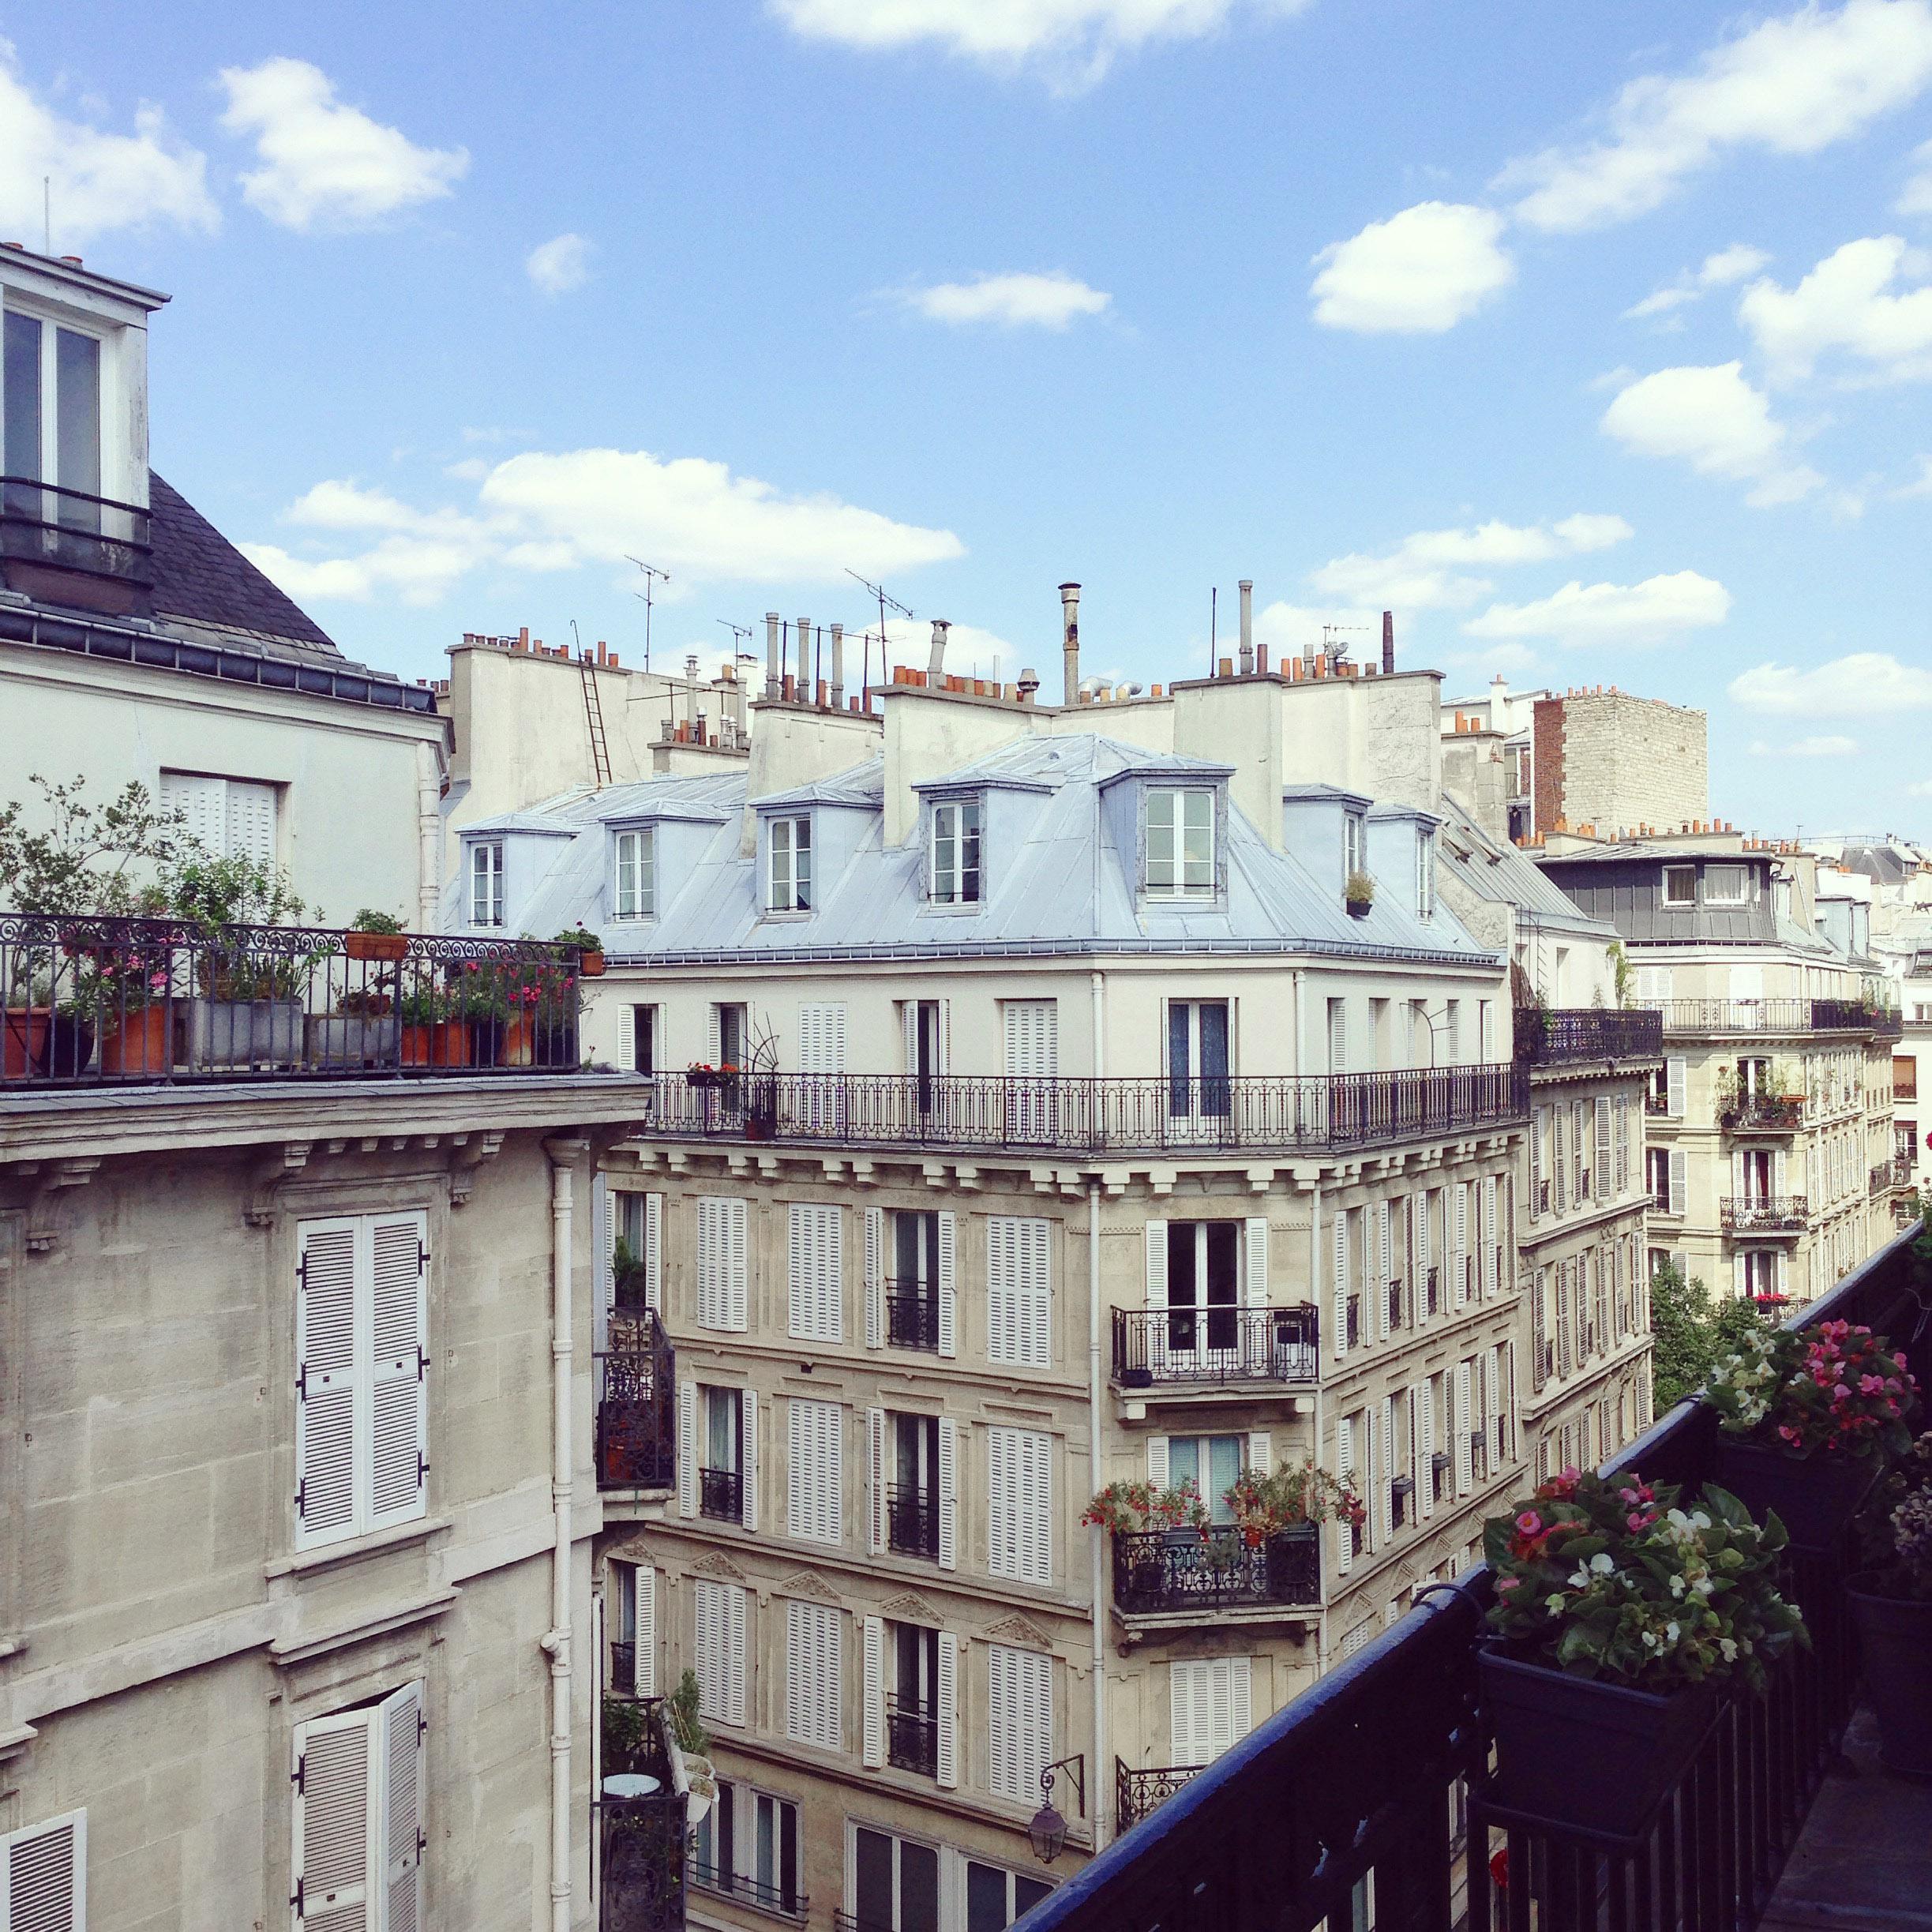 Lozidaze_Paris-Rooftops_01